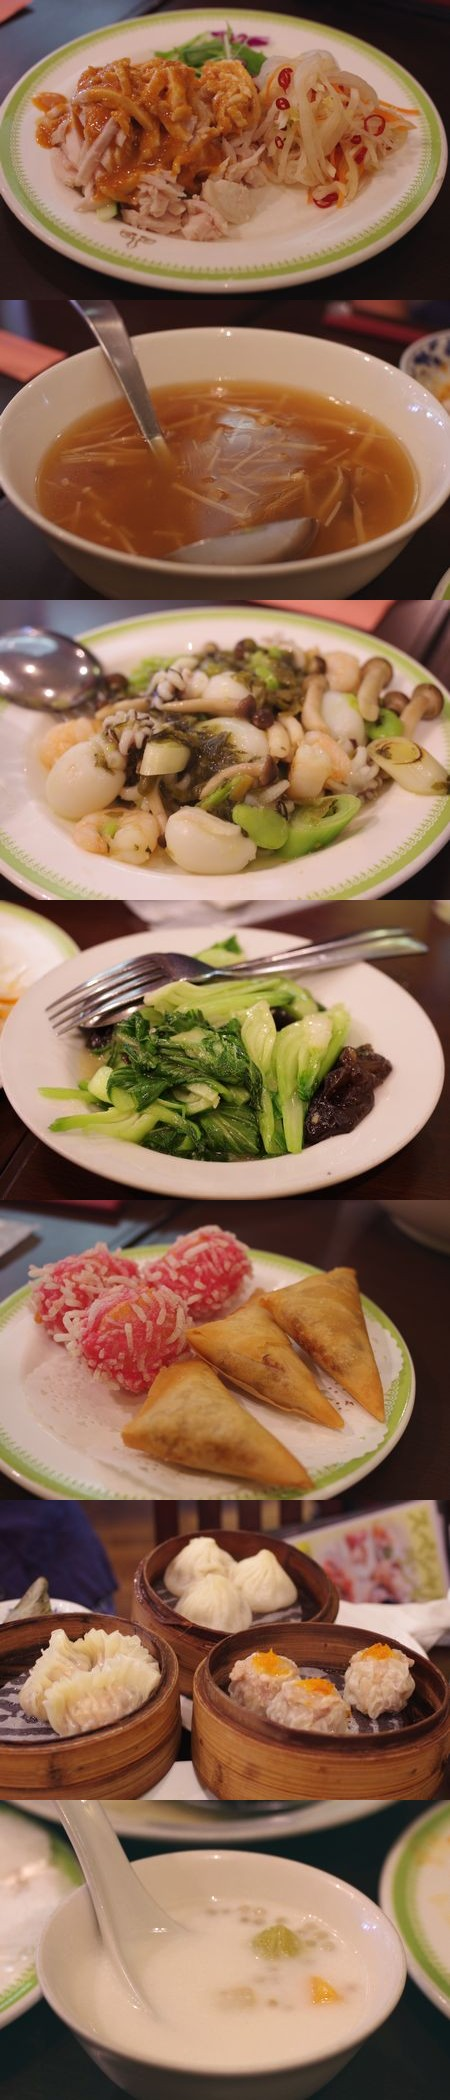 重慶飯店のランチコース